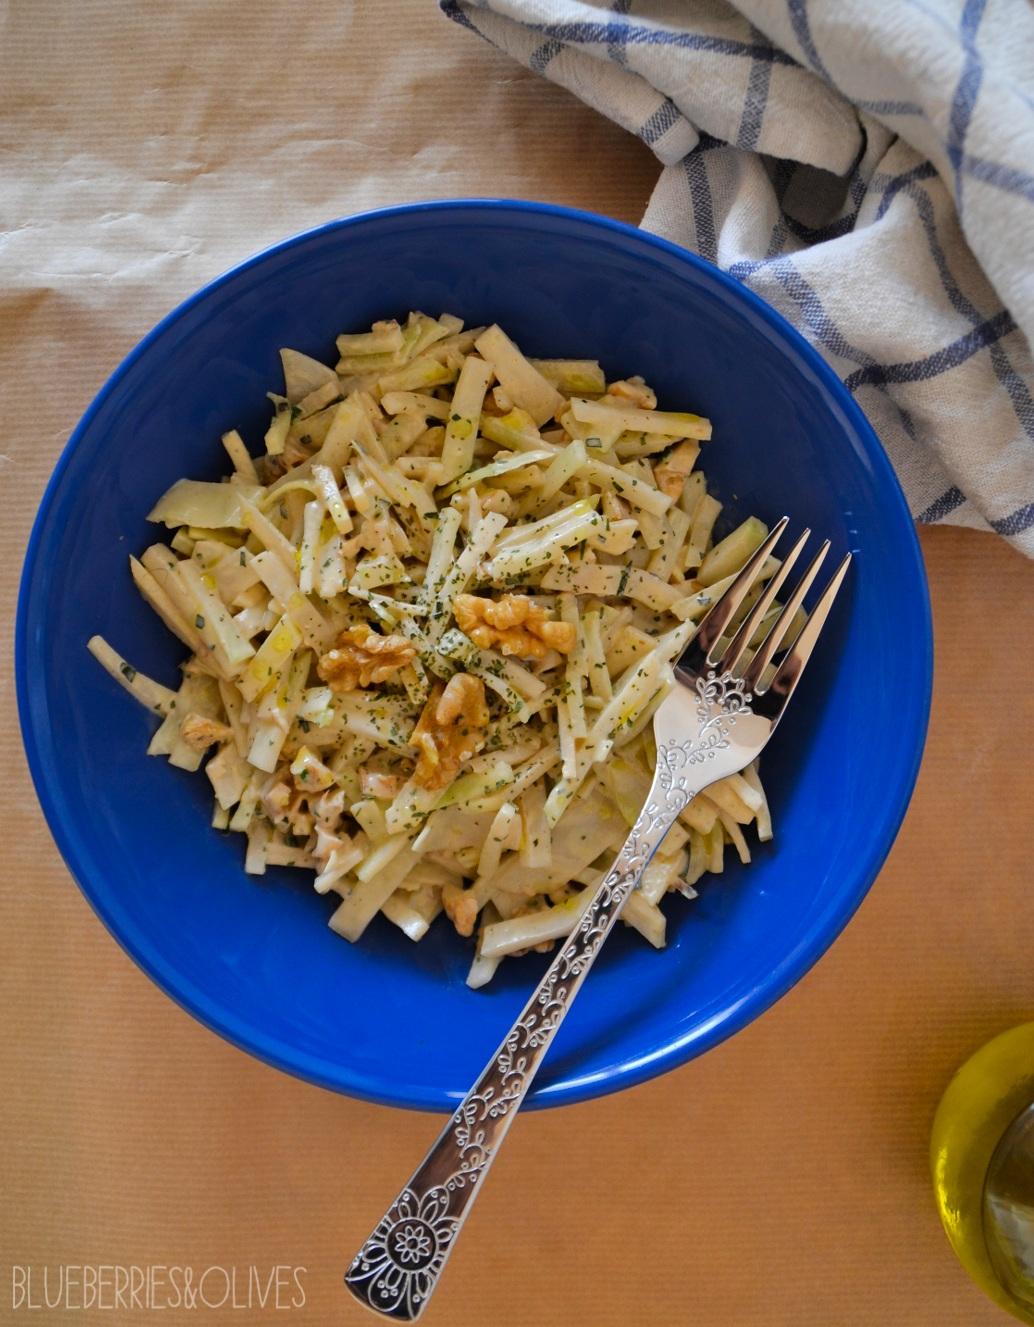 Ensalada de apionabo, manzana y nueces 5